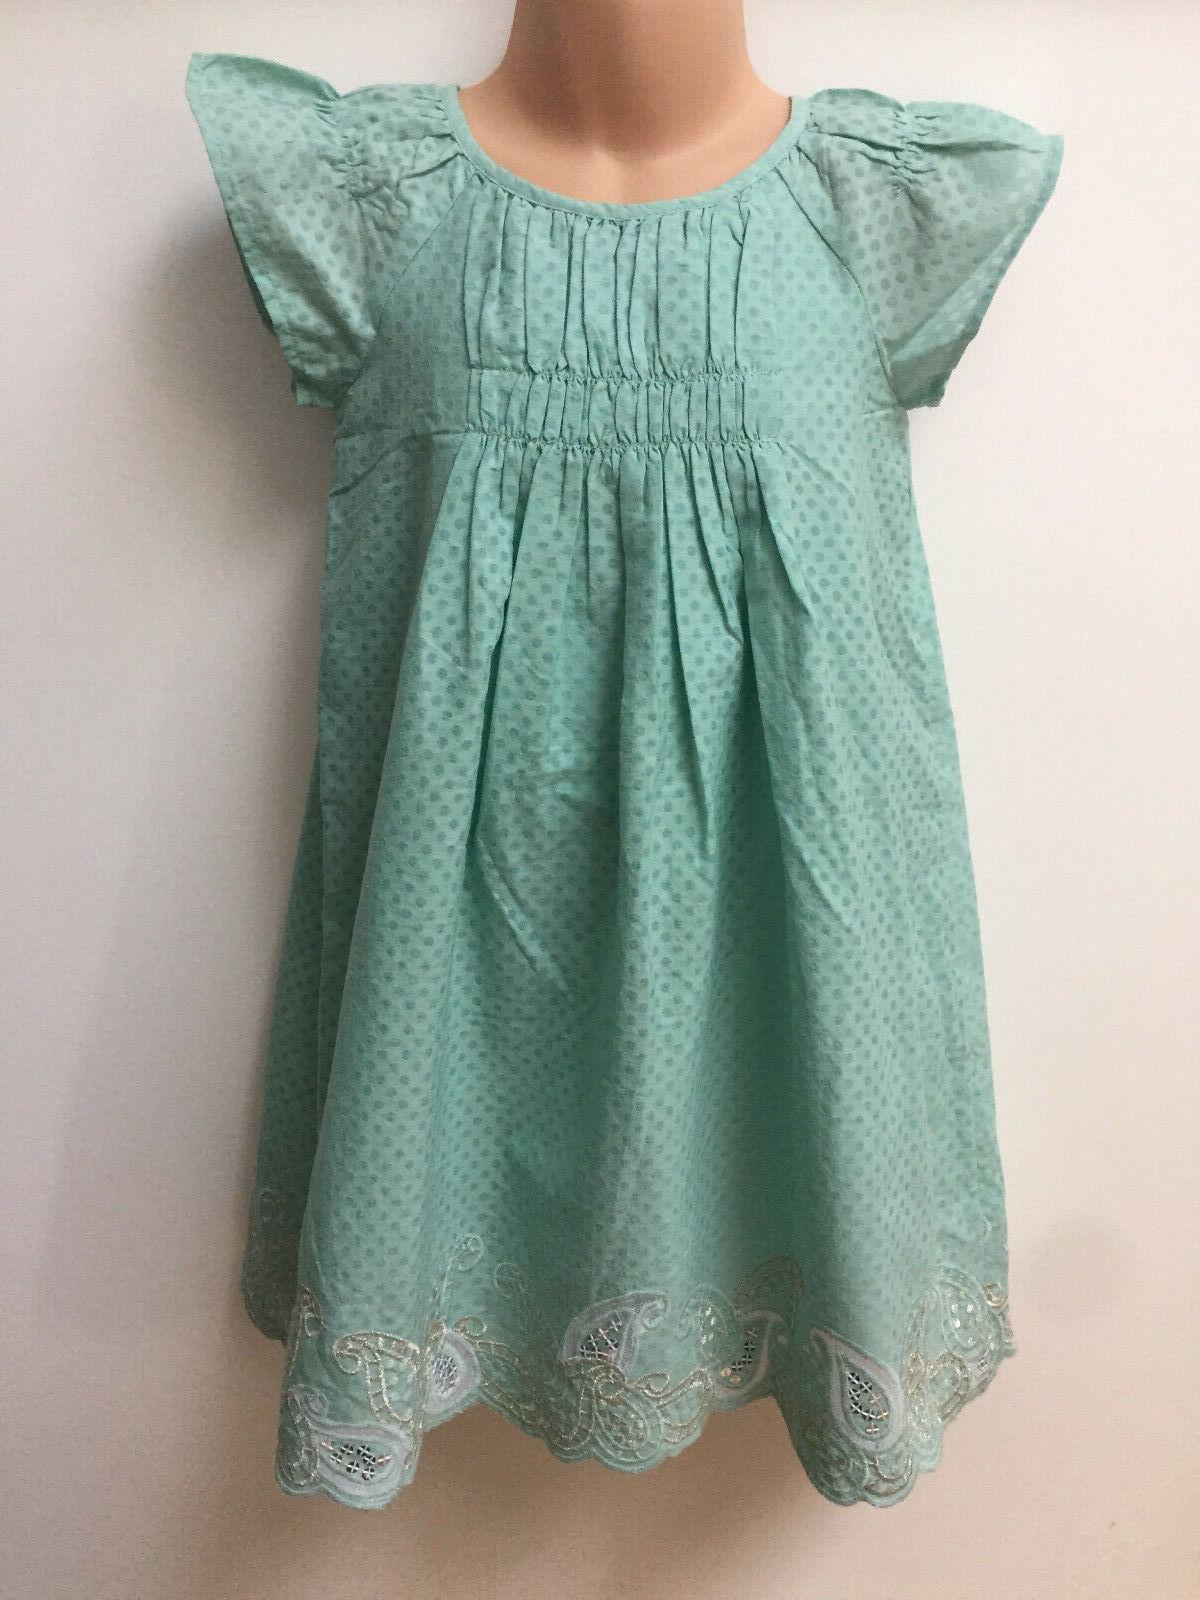 ex girl green spotty dress for girls